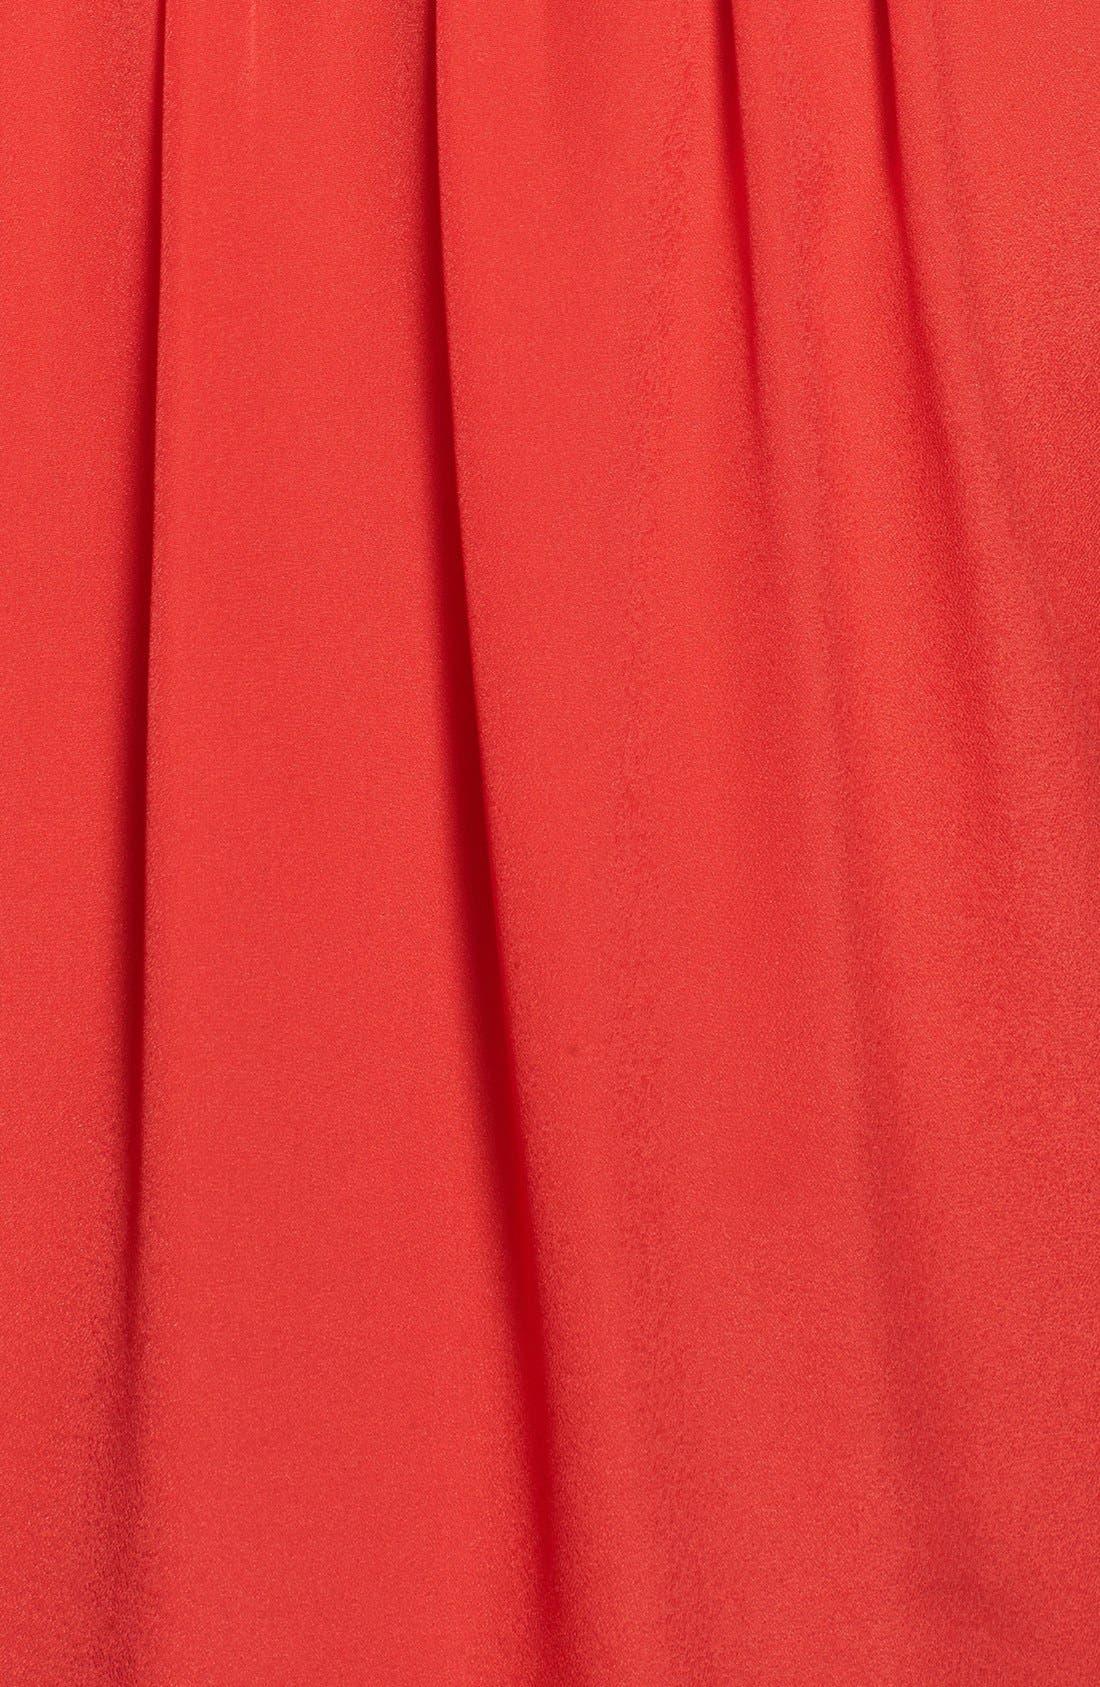 Alternate Image 3  - MICHAEL Michael Kors Chain Neck Sleeveless Blouse